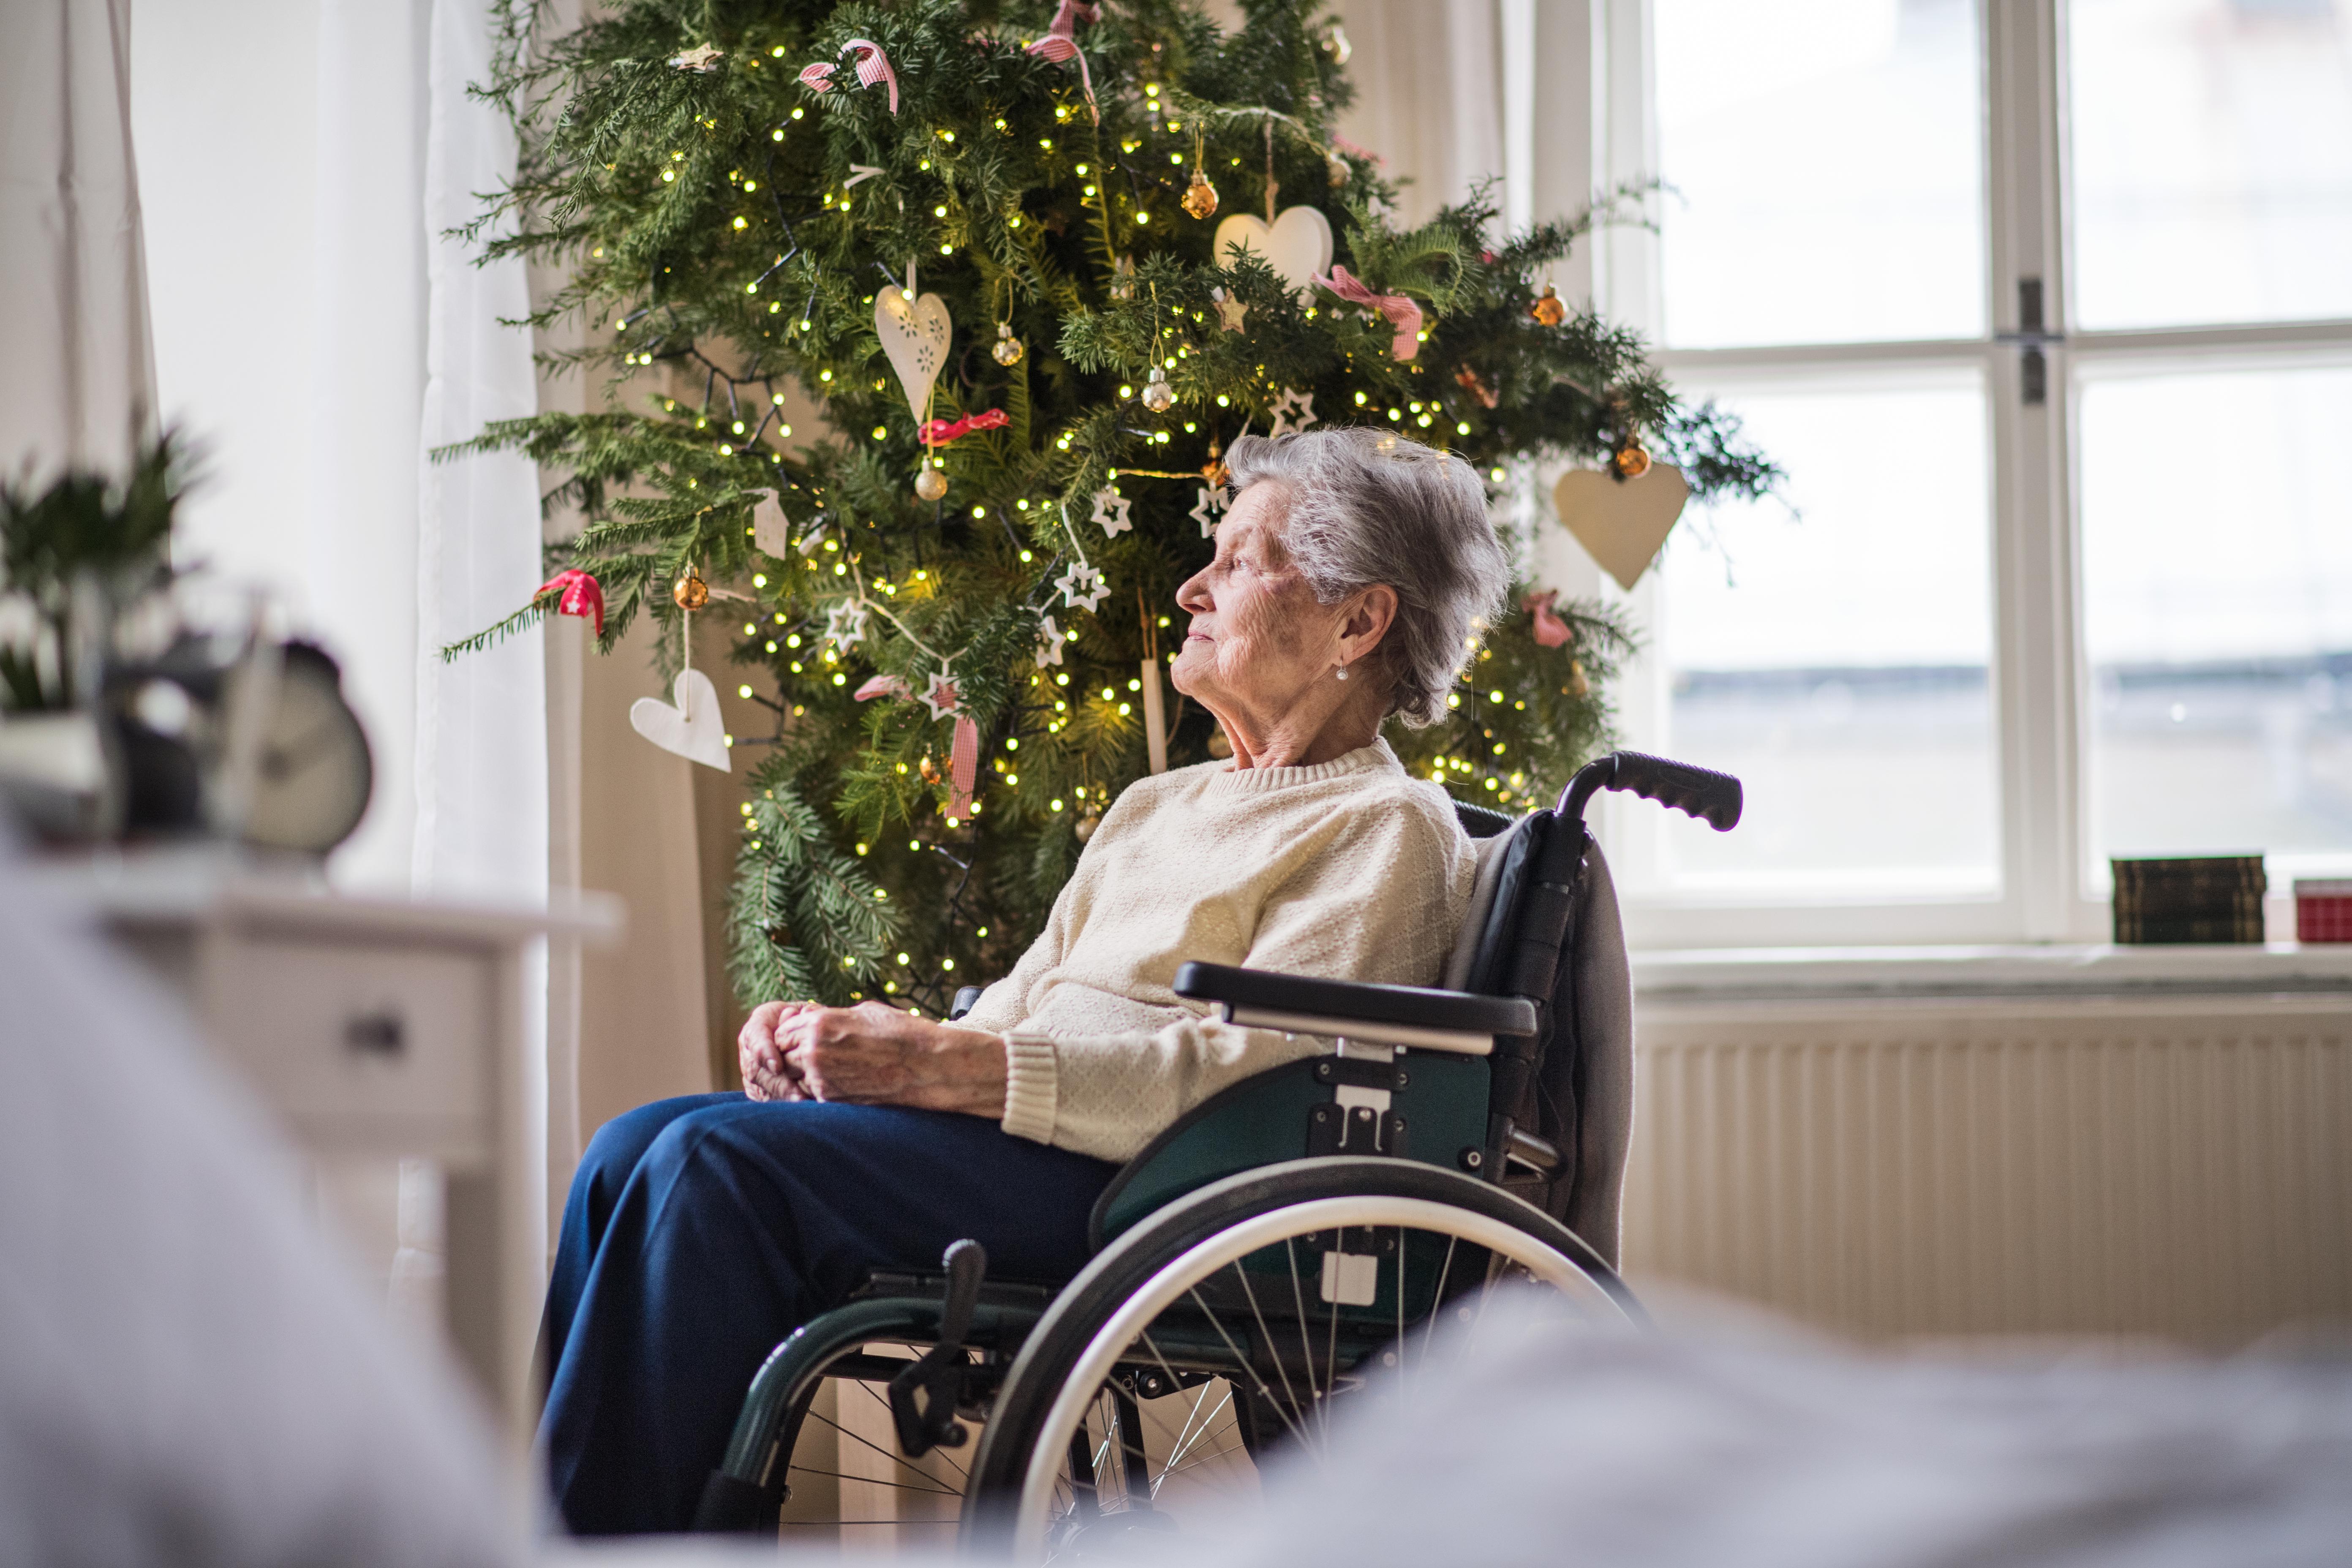 Det finns olika anledningar till ensamhet kring jul. Det kan vara att man till exempel är inlagd på sjukhus, att man av olika skäl inte vill umgås med andra eller att den släkt och de vänner man haft genom åren har blivit färre.